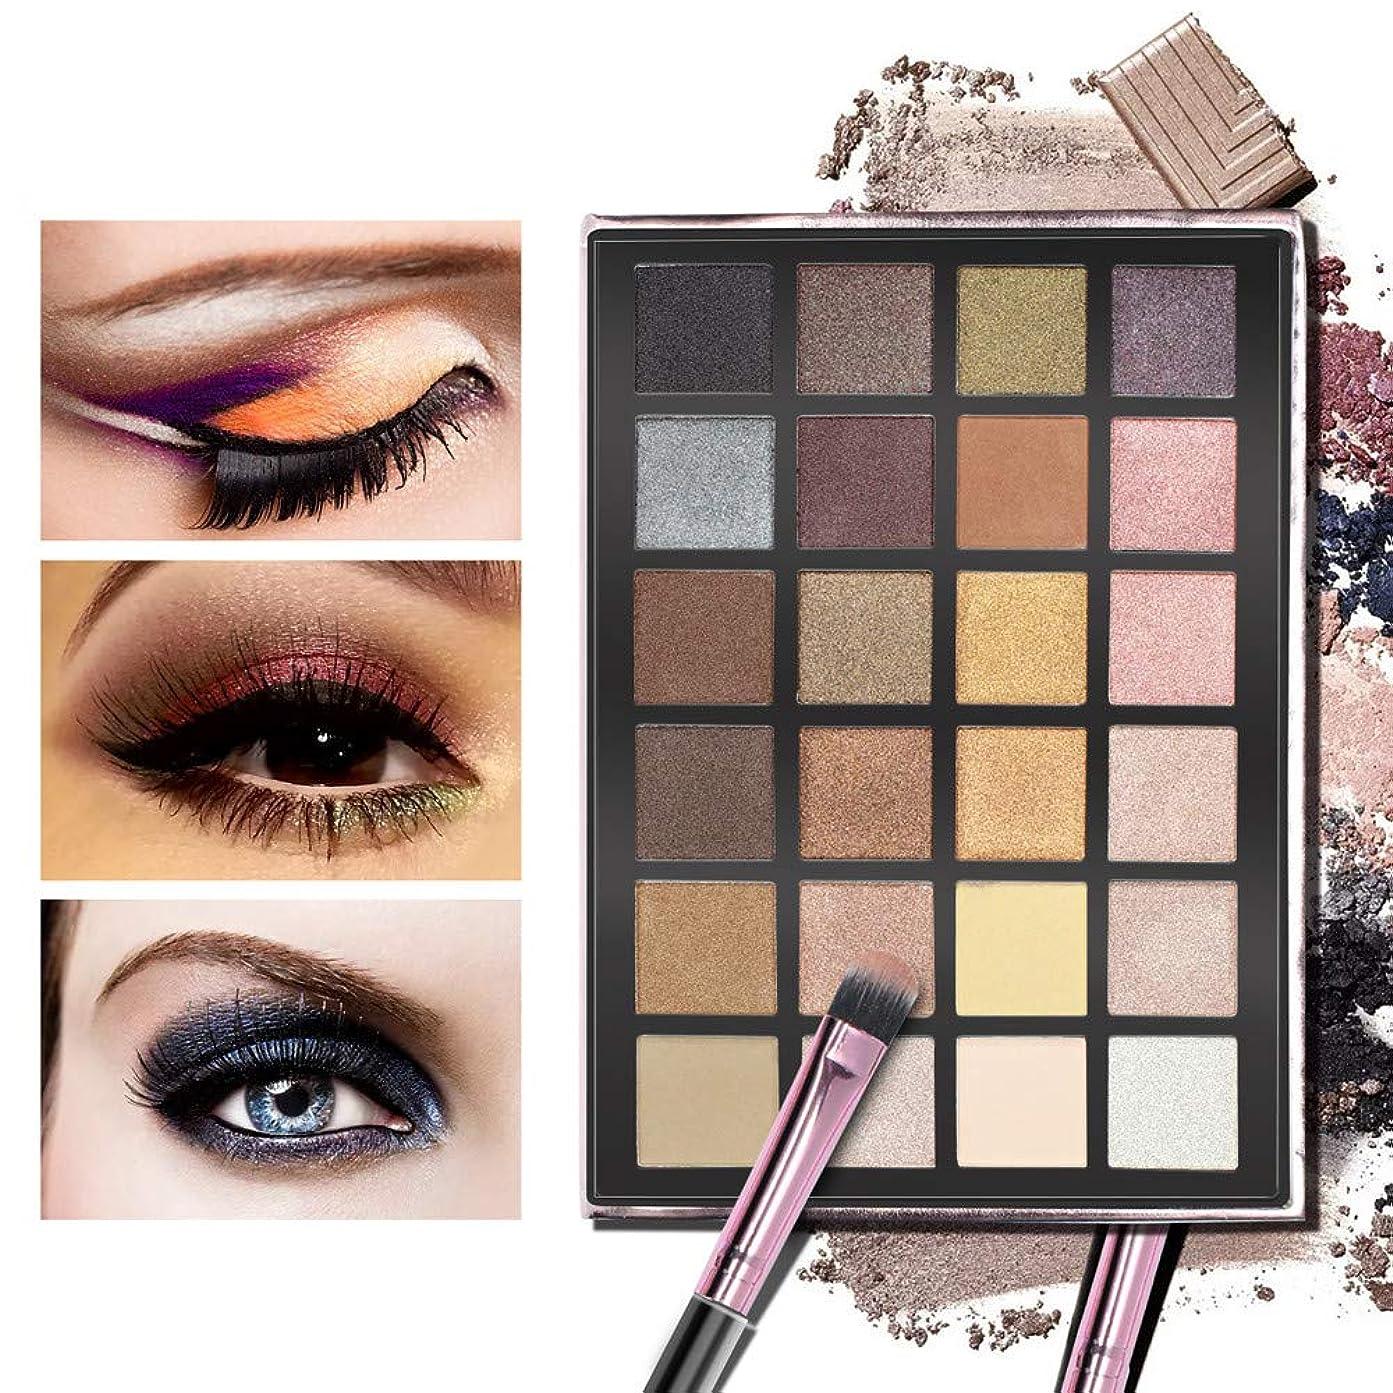 表示分析するゆるくAkane アイシャドウパレット ANYLADY 人気 ファッション ゴージャス 綺麗 欧米風 日本人肌に合う マット つや消し 持ち便利 Eye Shadow (24色)